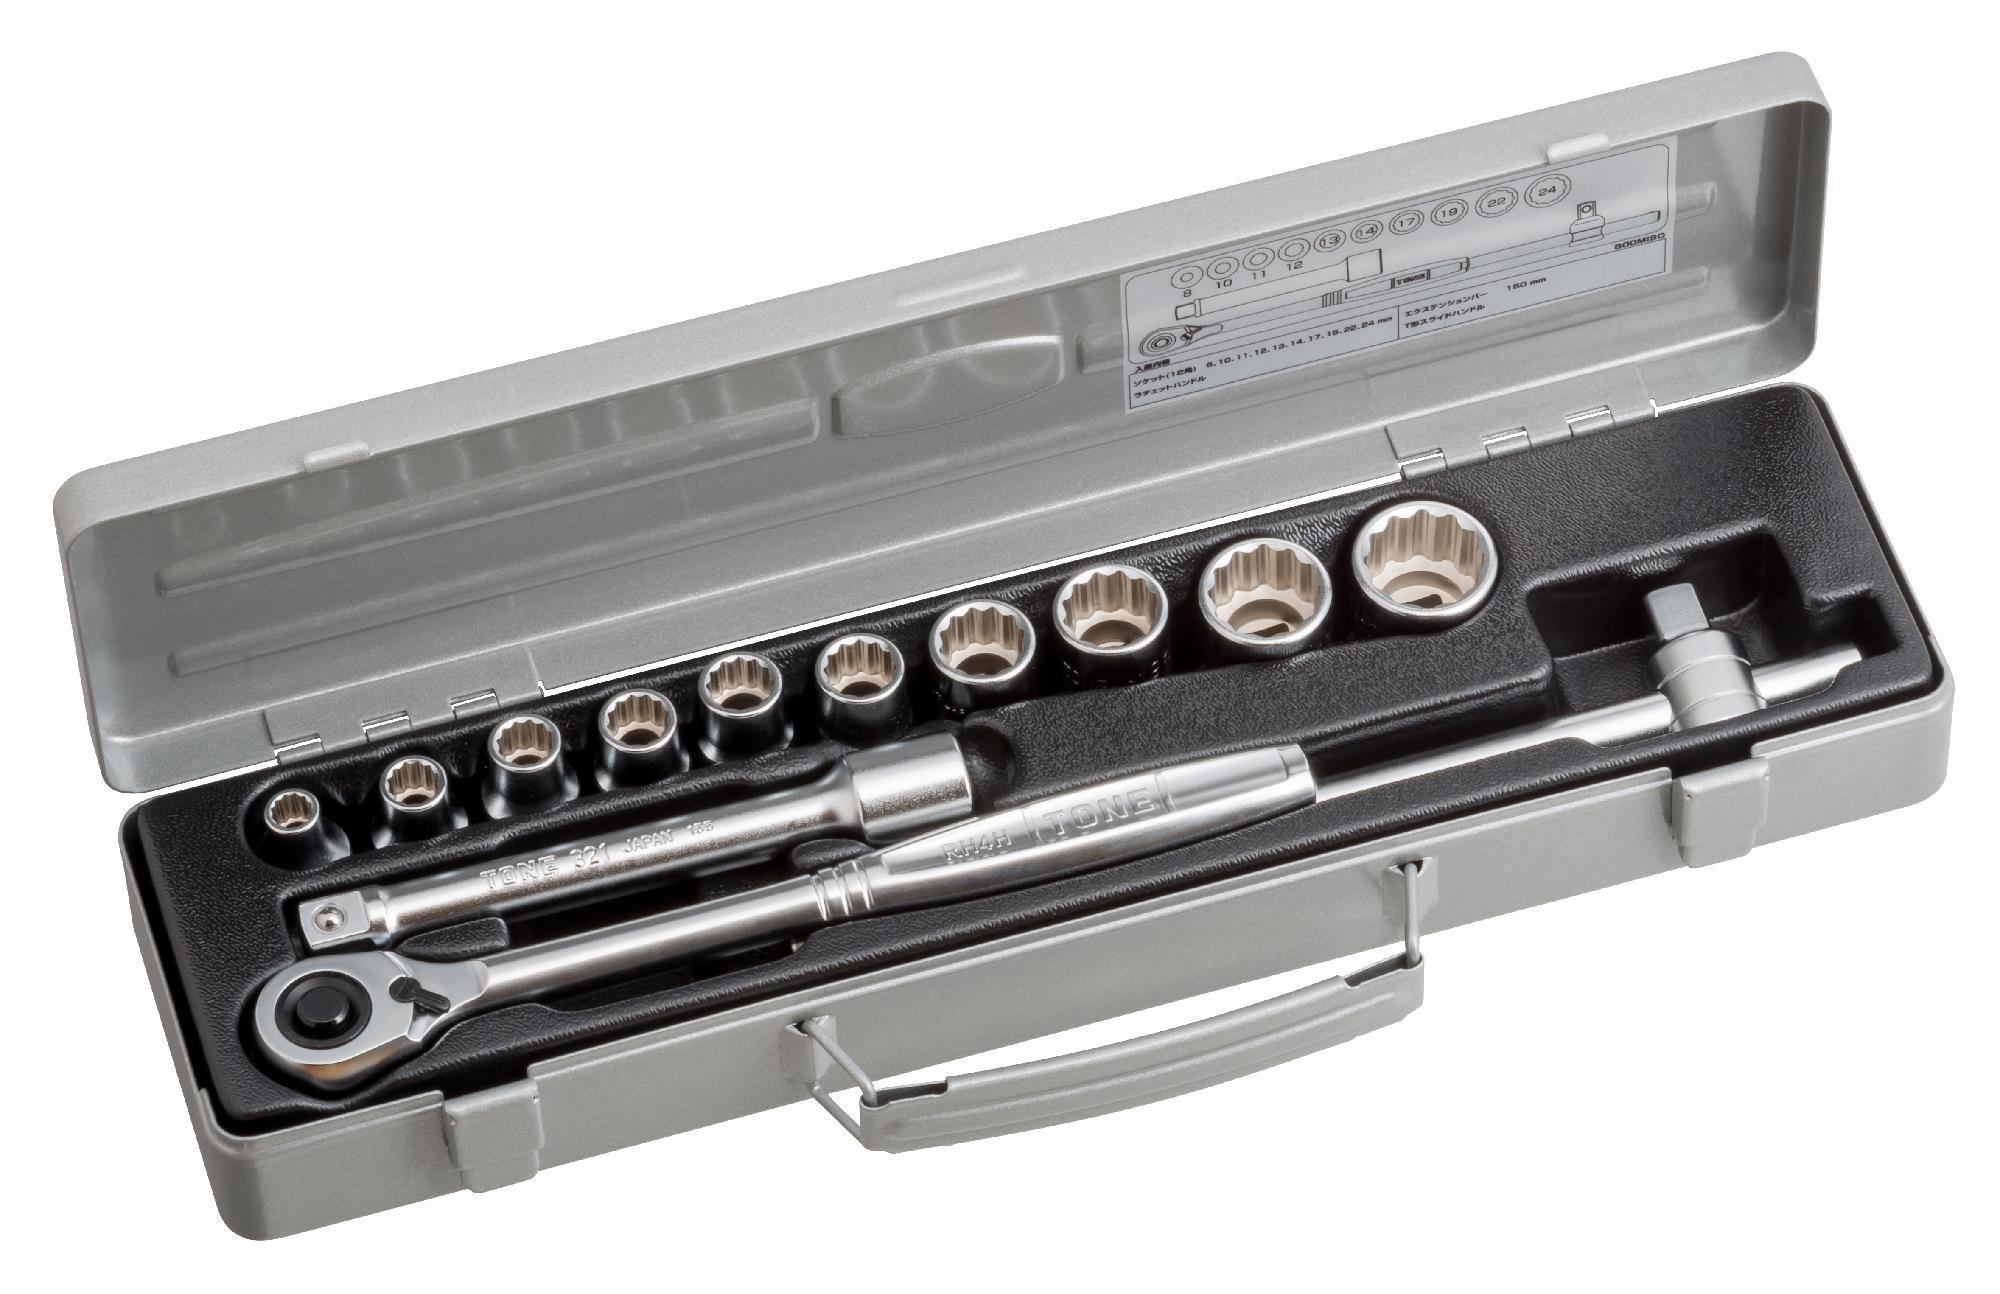 Hộp đầu khẩu và cần vặn TONE 13 chi tiết 1/2inch 800M ISO